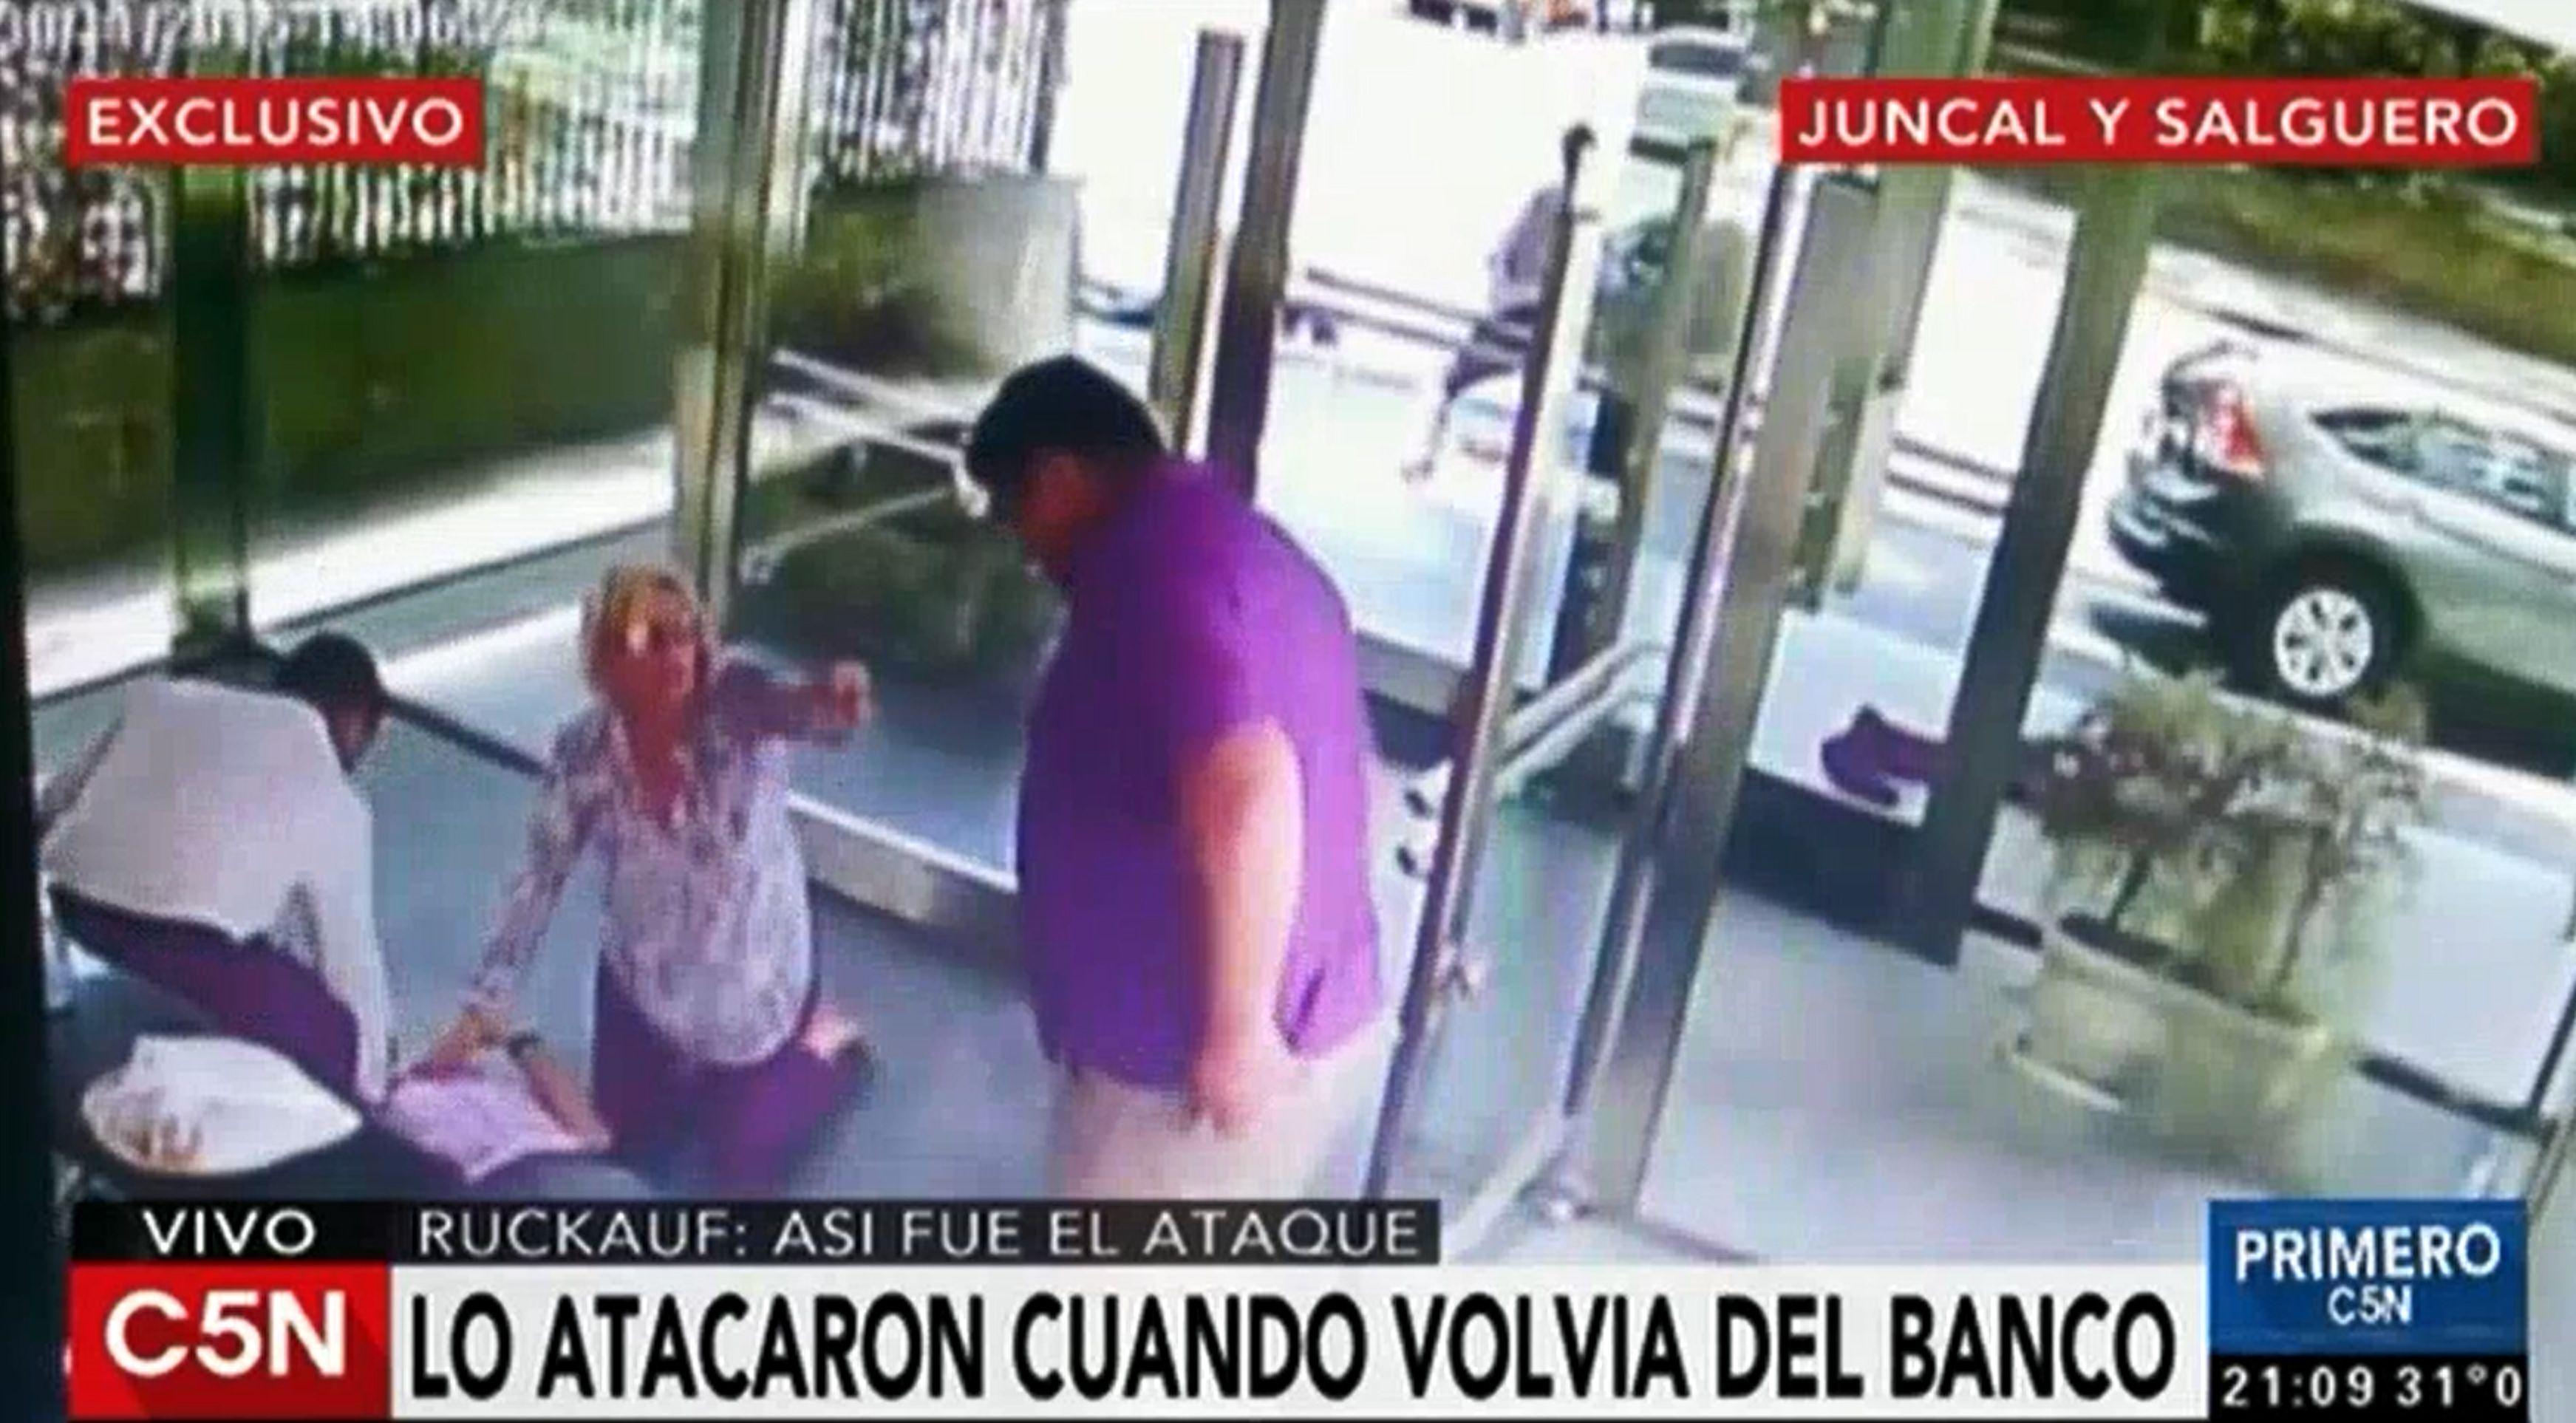 VIDEO: Así fue el ataque que sufrió Carlos Ruckauf cuando volvía de un banco